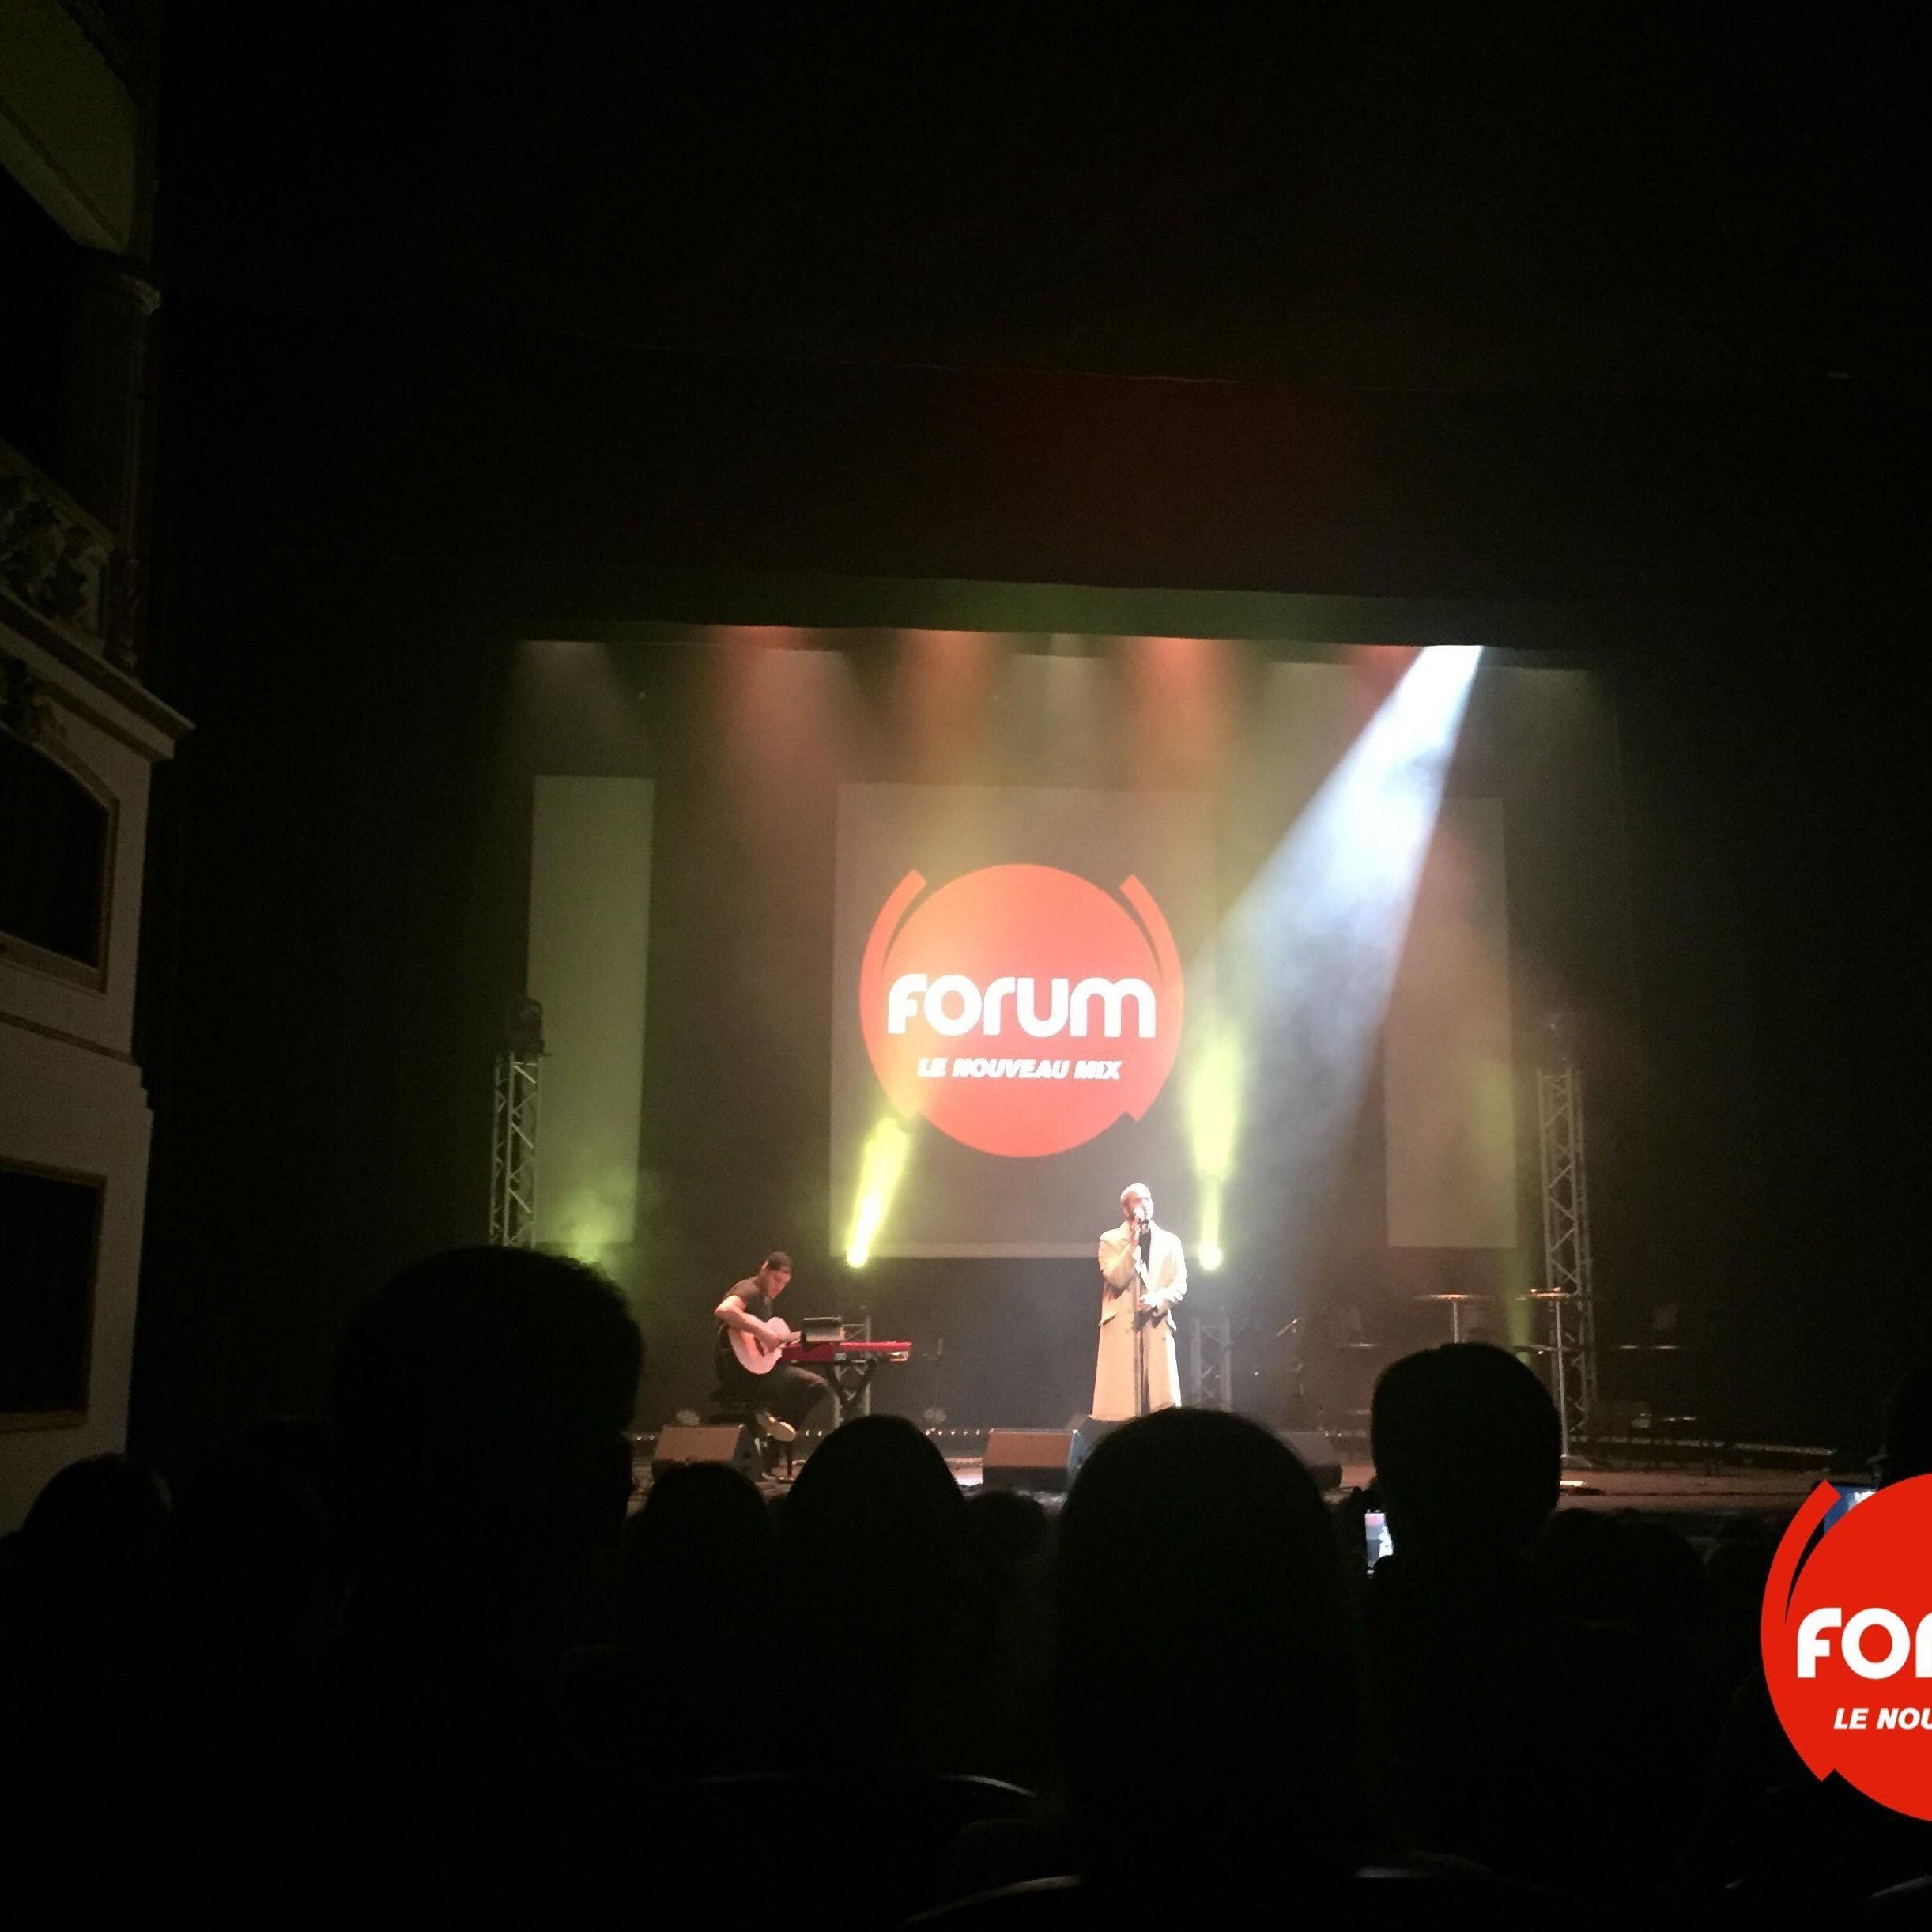 Forum Live Tour